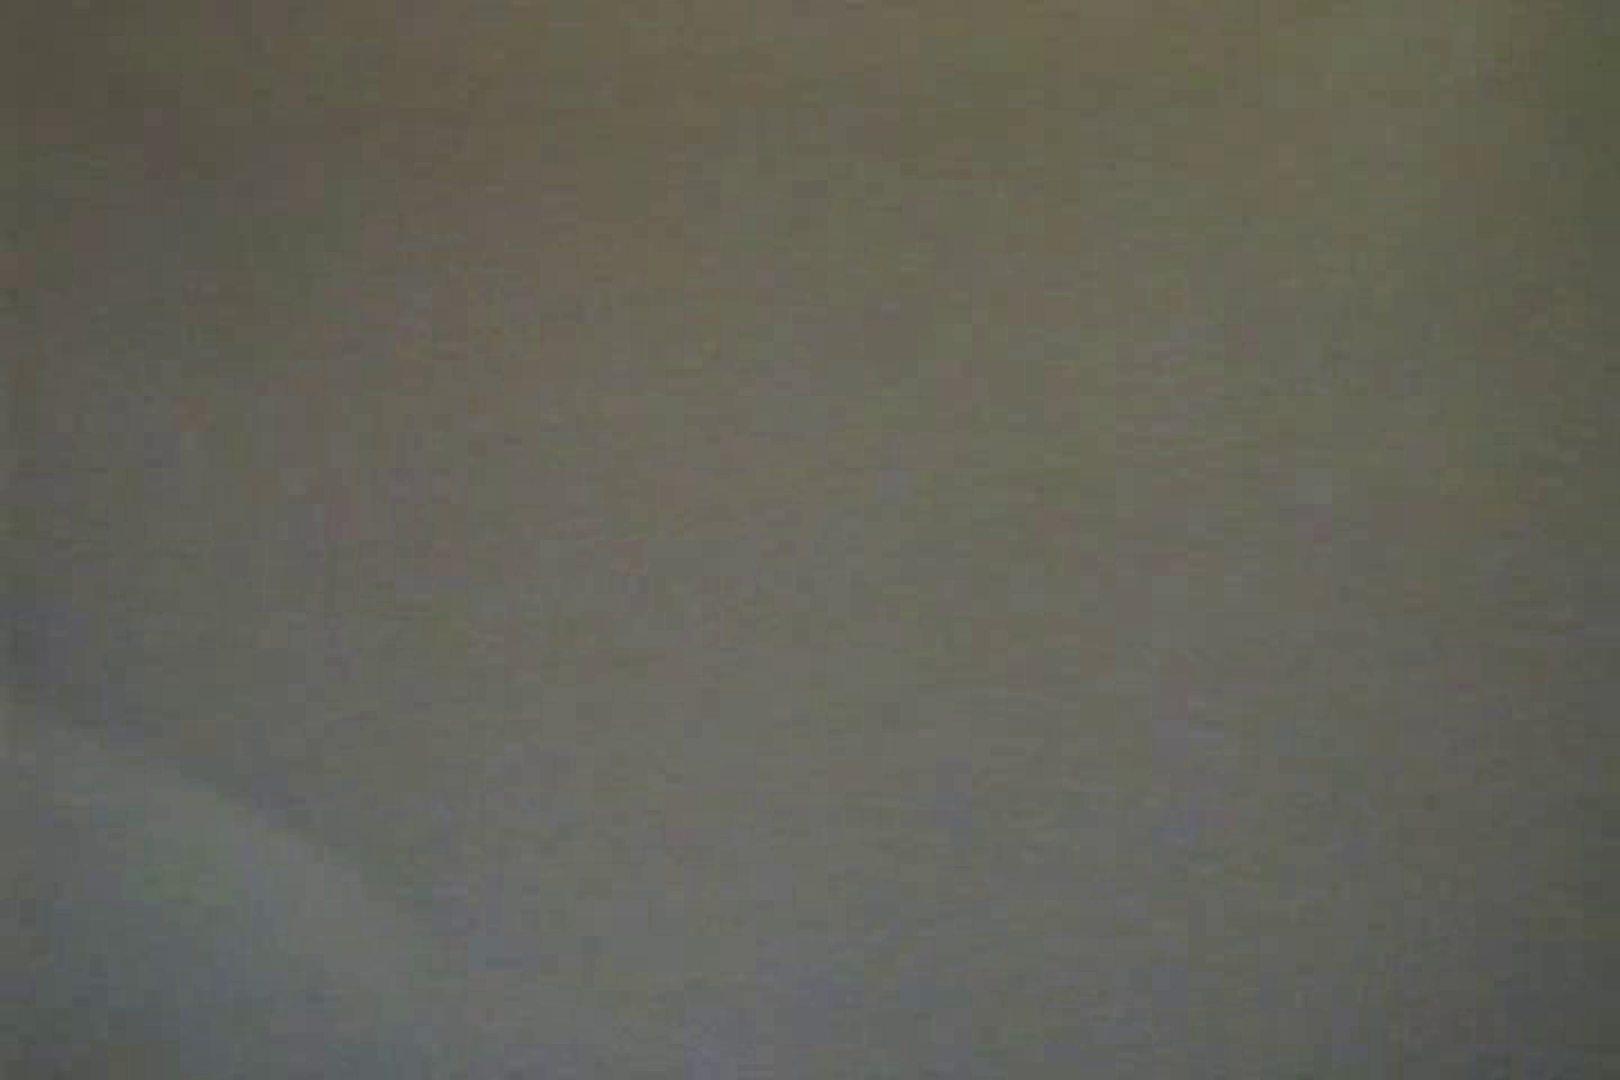 究極の民家覗き撮りVol.4 美しいOLの裸体  73pic 60